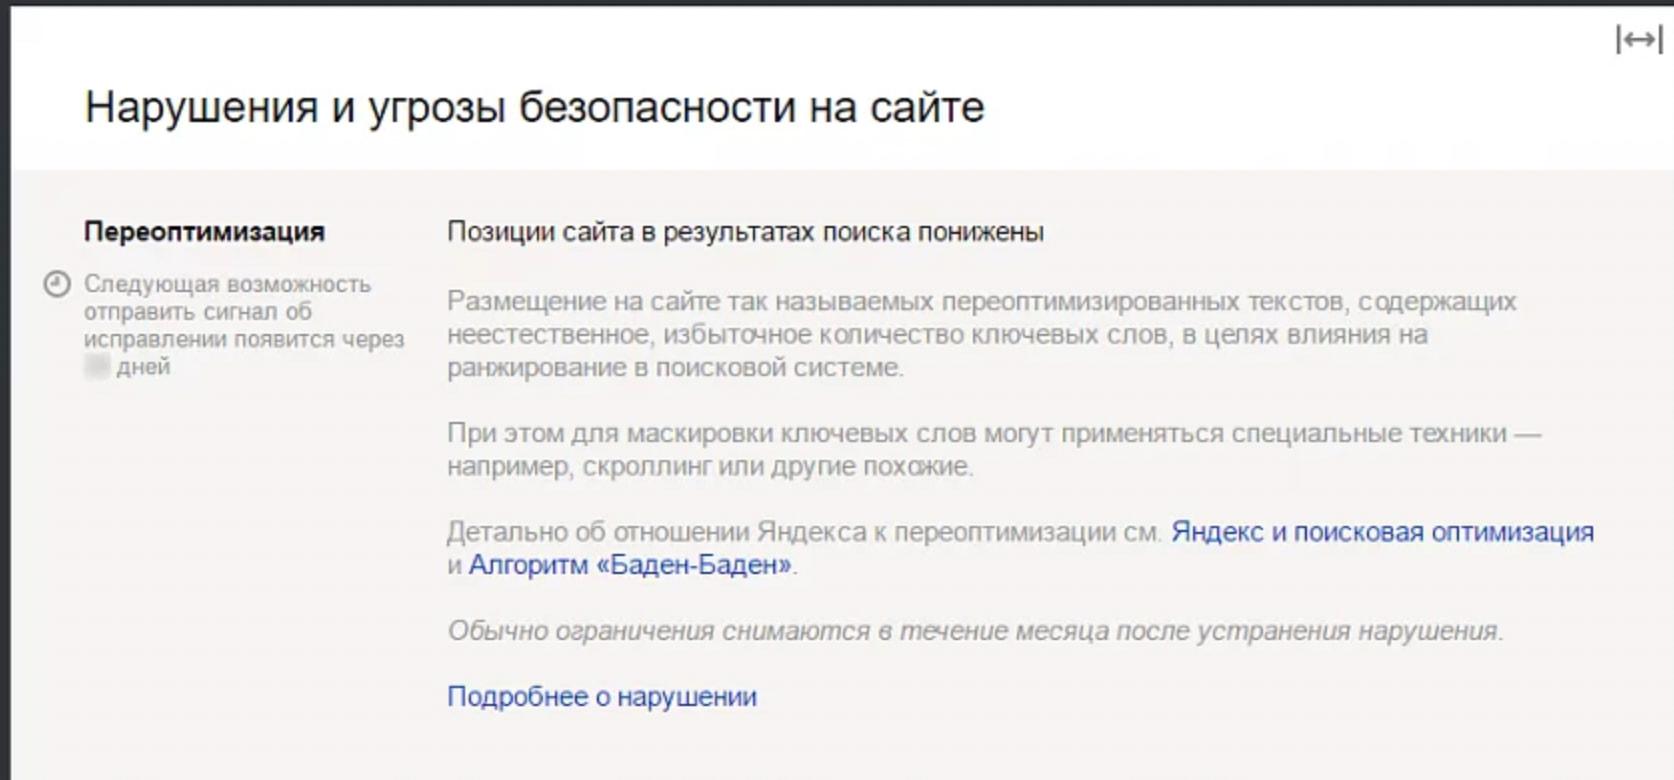 Фильтр за переоптимизацию в Яндексе